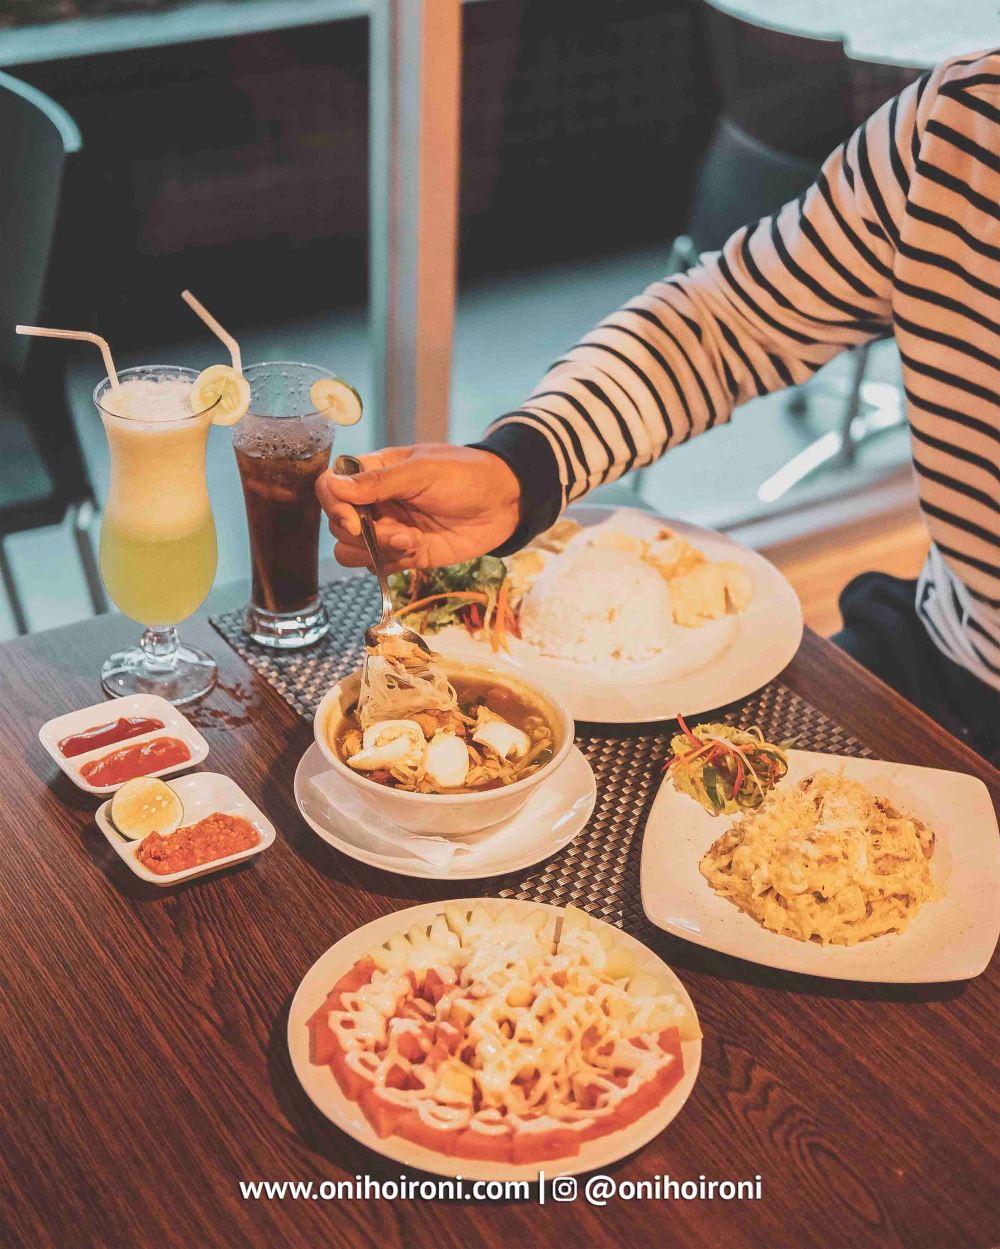 9 Food M One Hotel Sentul Bogor, Onihoironi